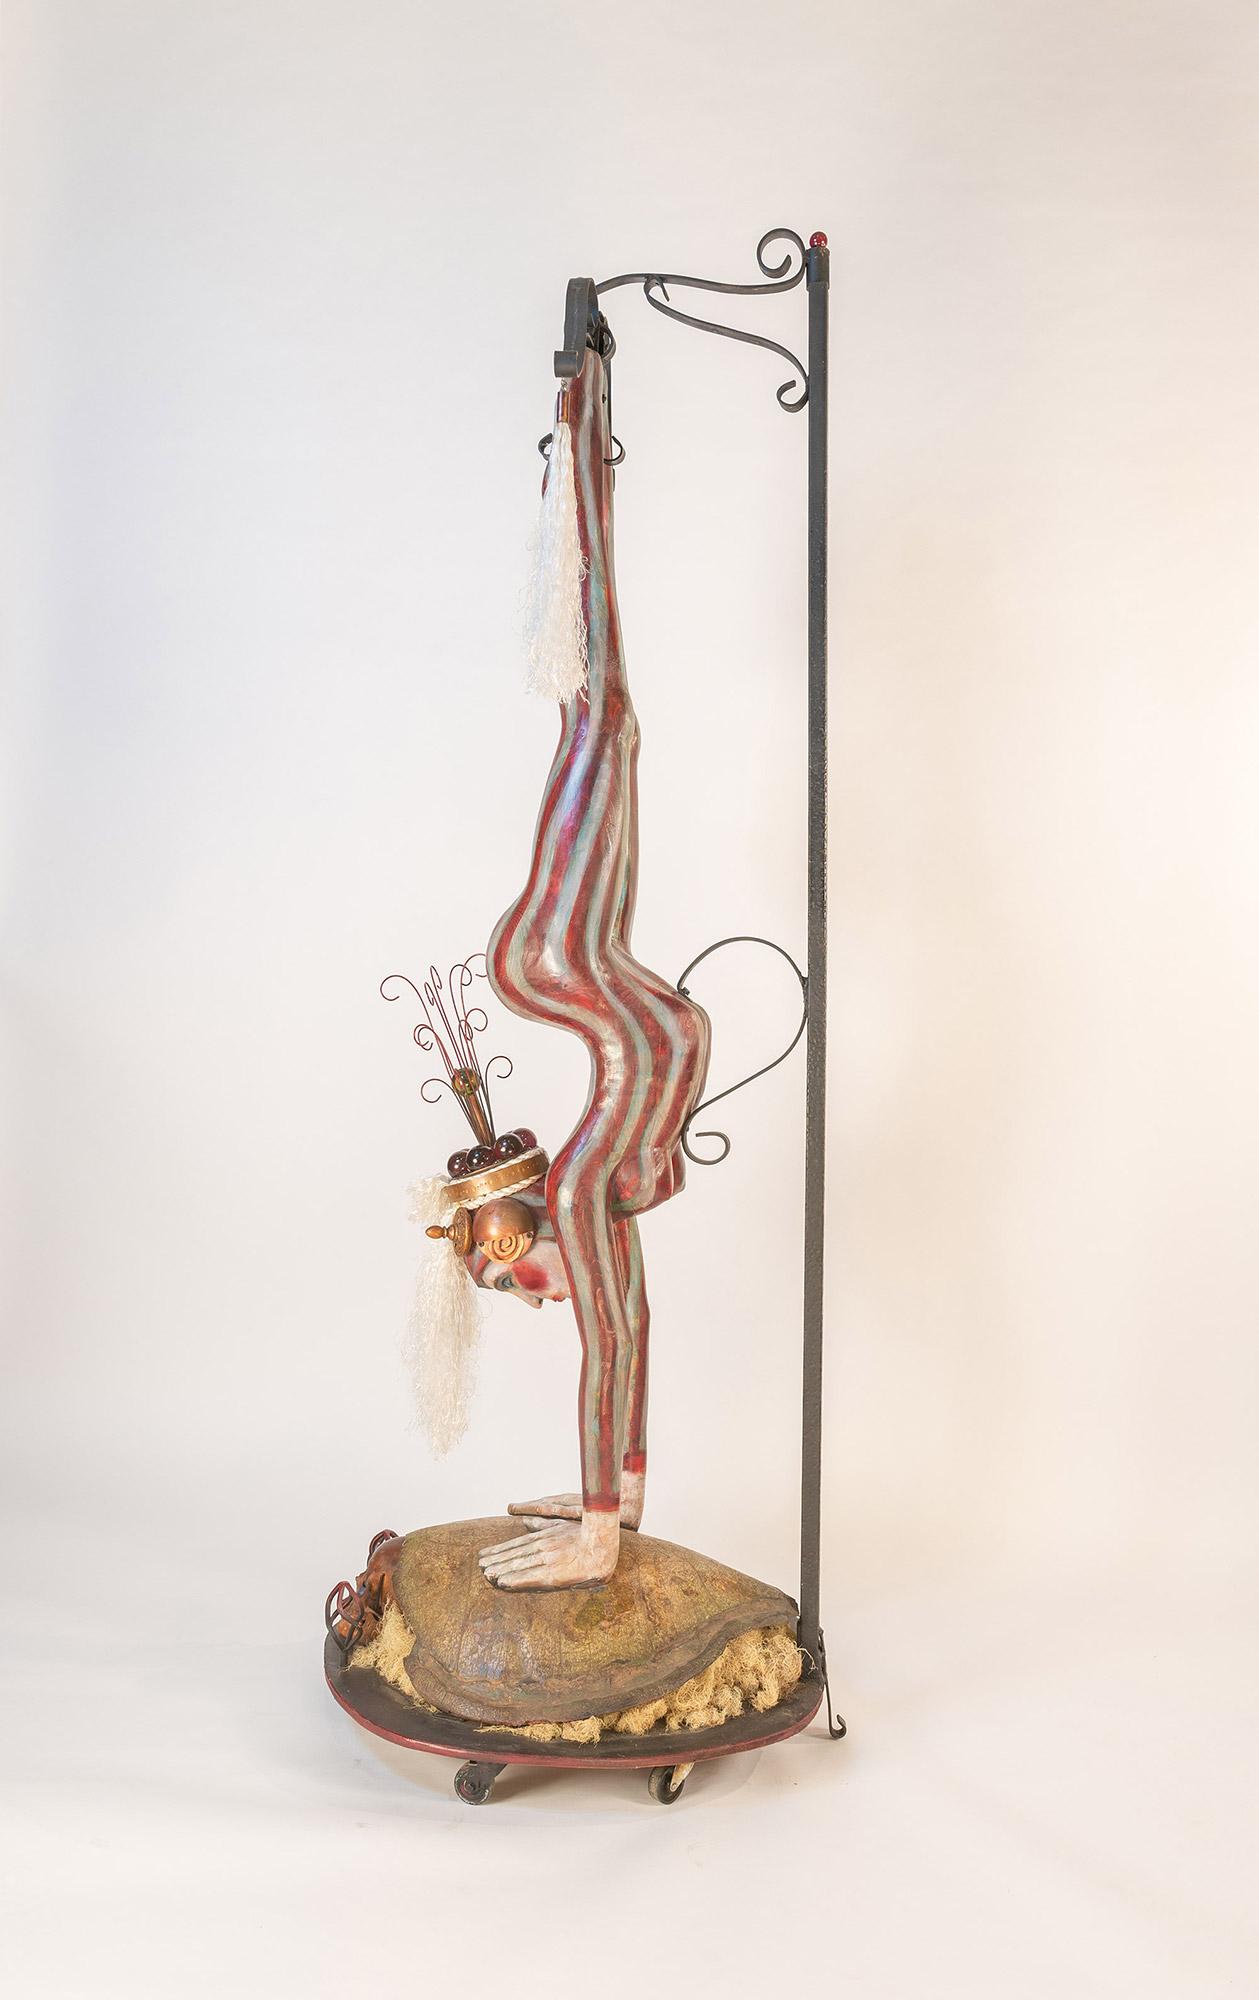 Wennstrom-Sculpture-01-06-AvL#.jpg